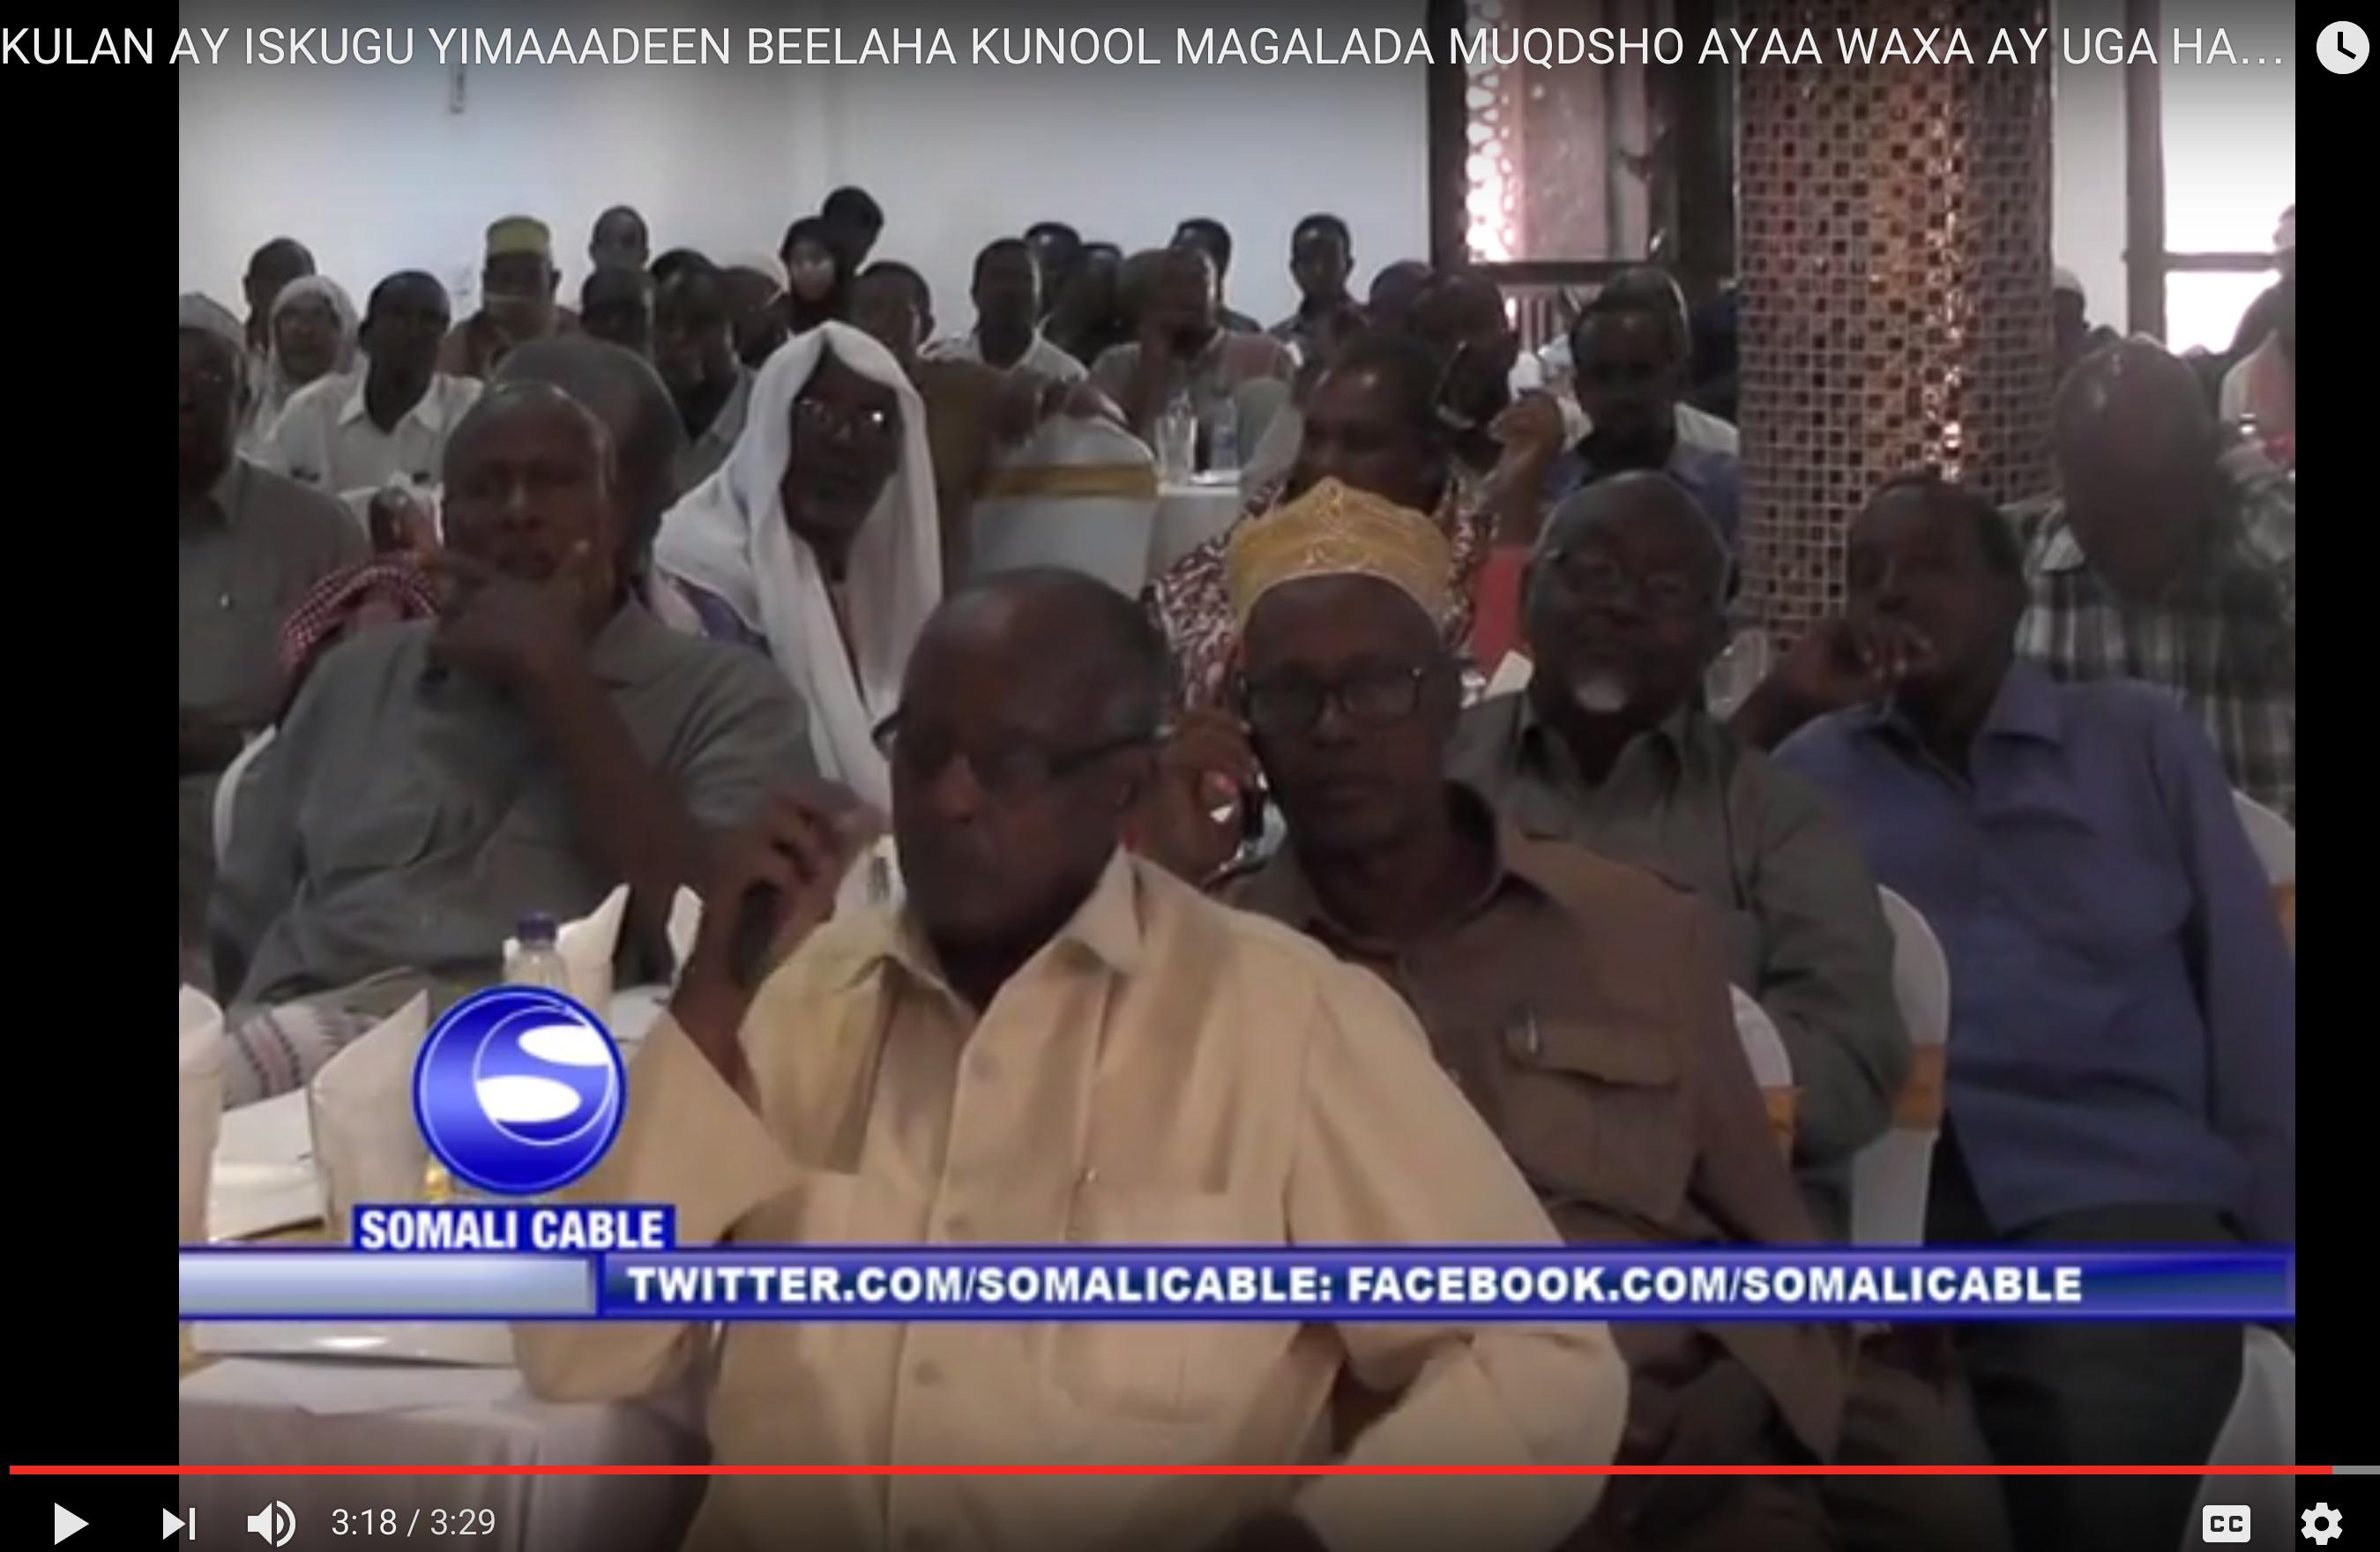 [Daawo] Video sida beesha Hawiye u nacday Madaxweyne Garguurte iyo hadaladii Odayaasha ku garbaasheen